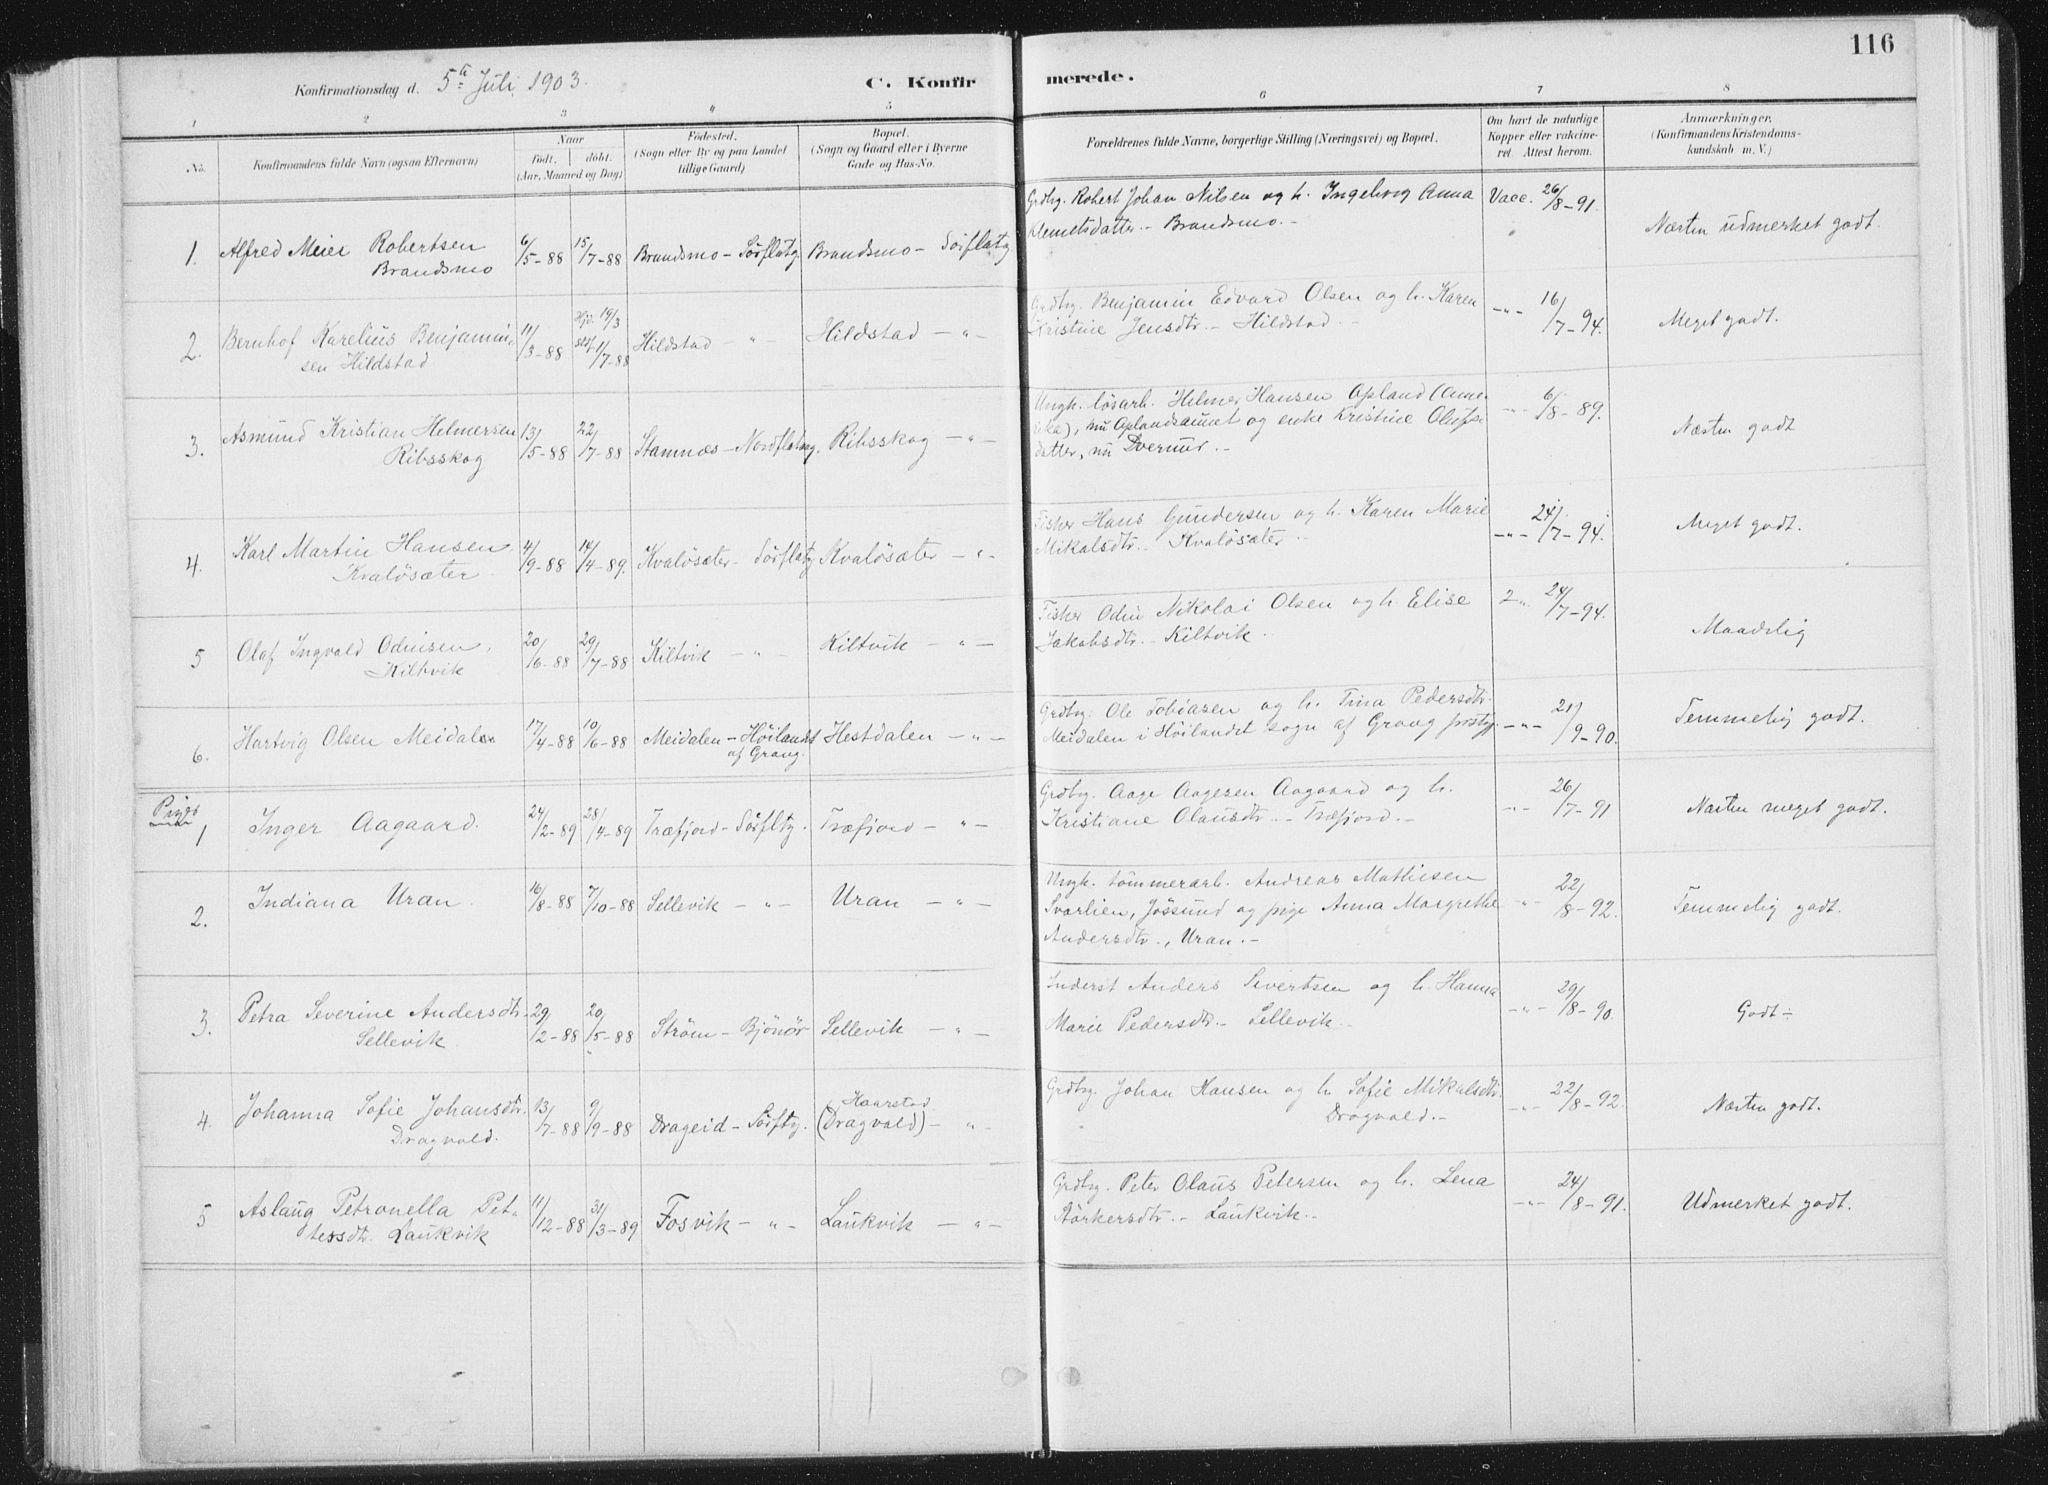 SAT, Ministerialprotokoller, klokkerbøker og fødselsregistre - Nord-Trøndelag, 771/L0597: Ministerialbok nr. 771A04, 1885-1910, s. 116